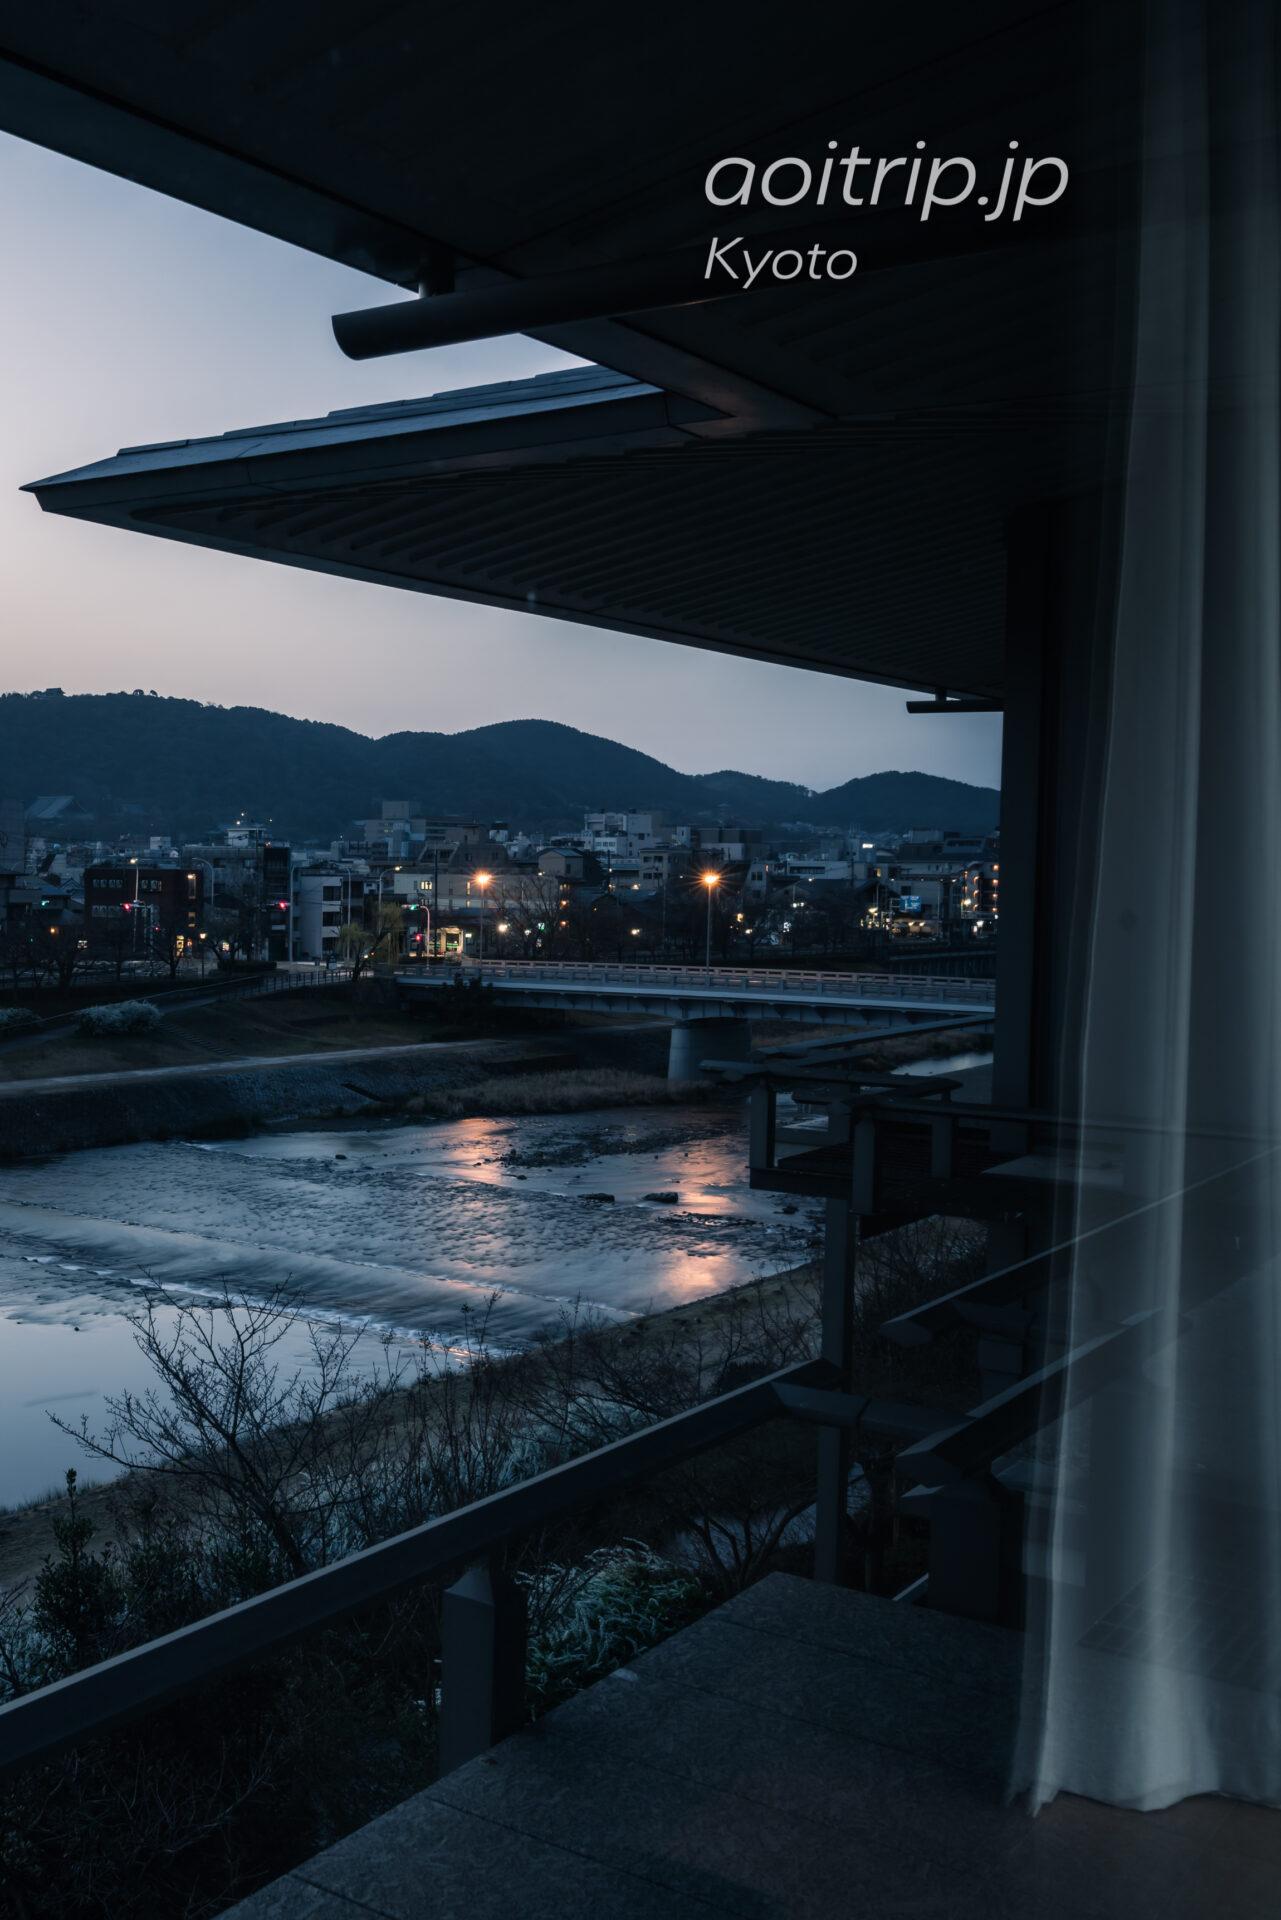 ザリッツカールトン京都から望む清水寺